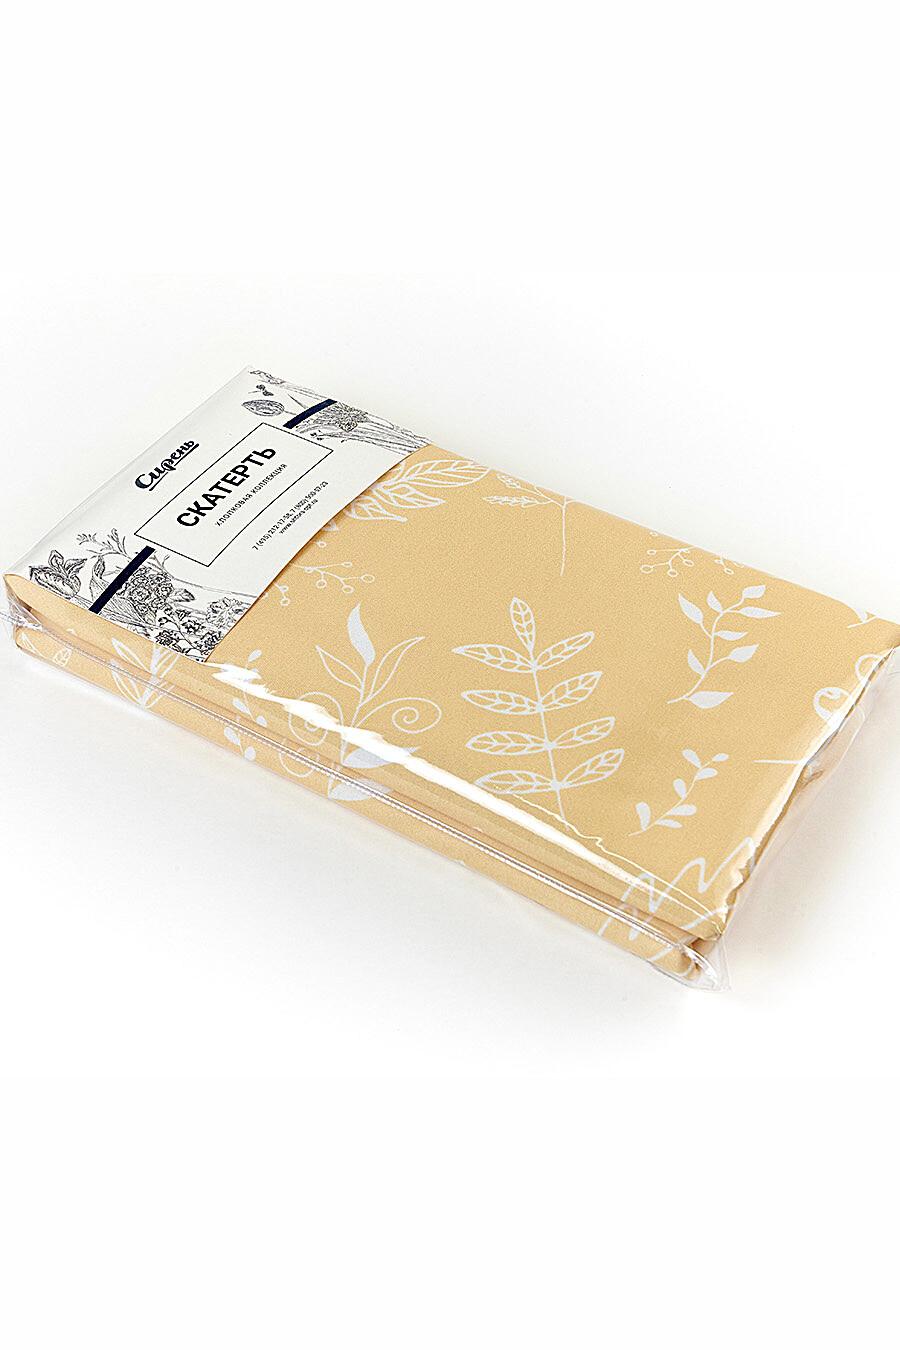 Скатерть прямоугольня для дома ART HOME TEXTILE 121216 купить оптом от производителя. Совместная покупка товаров для дома в OptMoyo